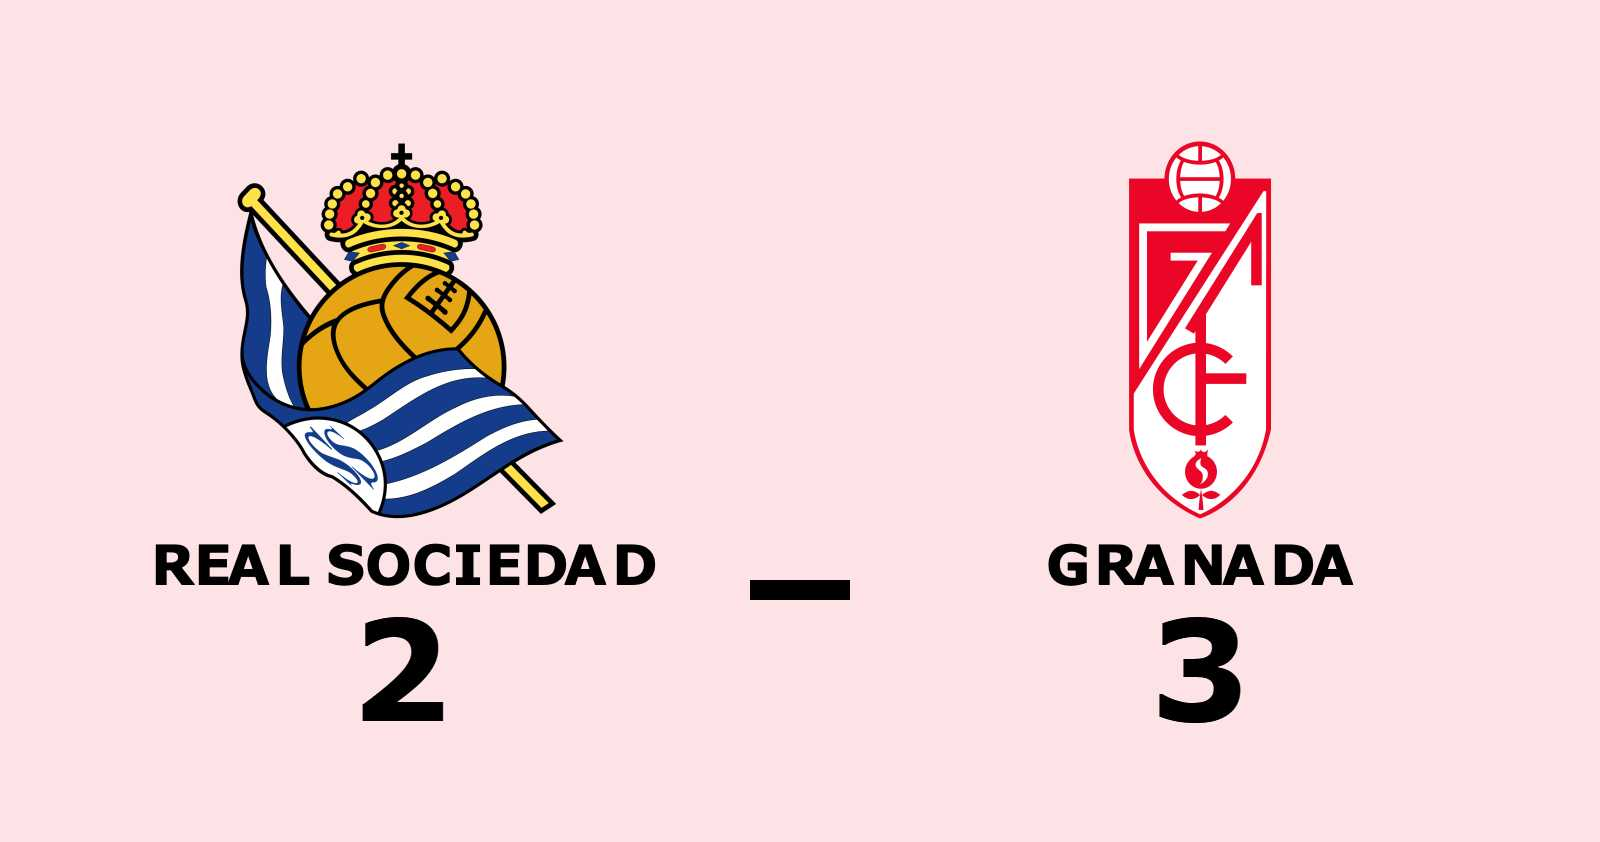 Granada vann trots uppryckning av Real Sociedad